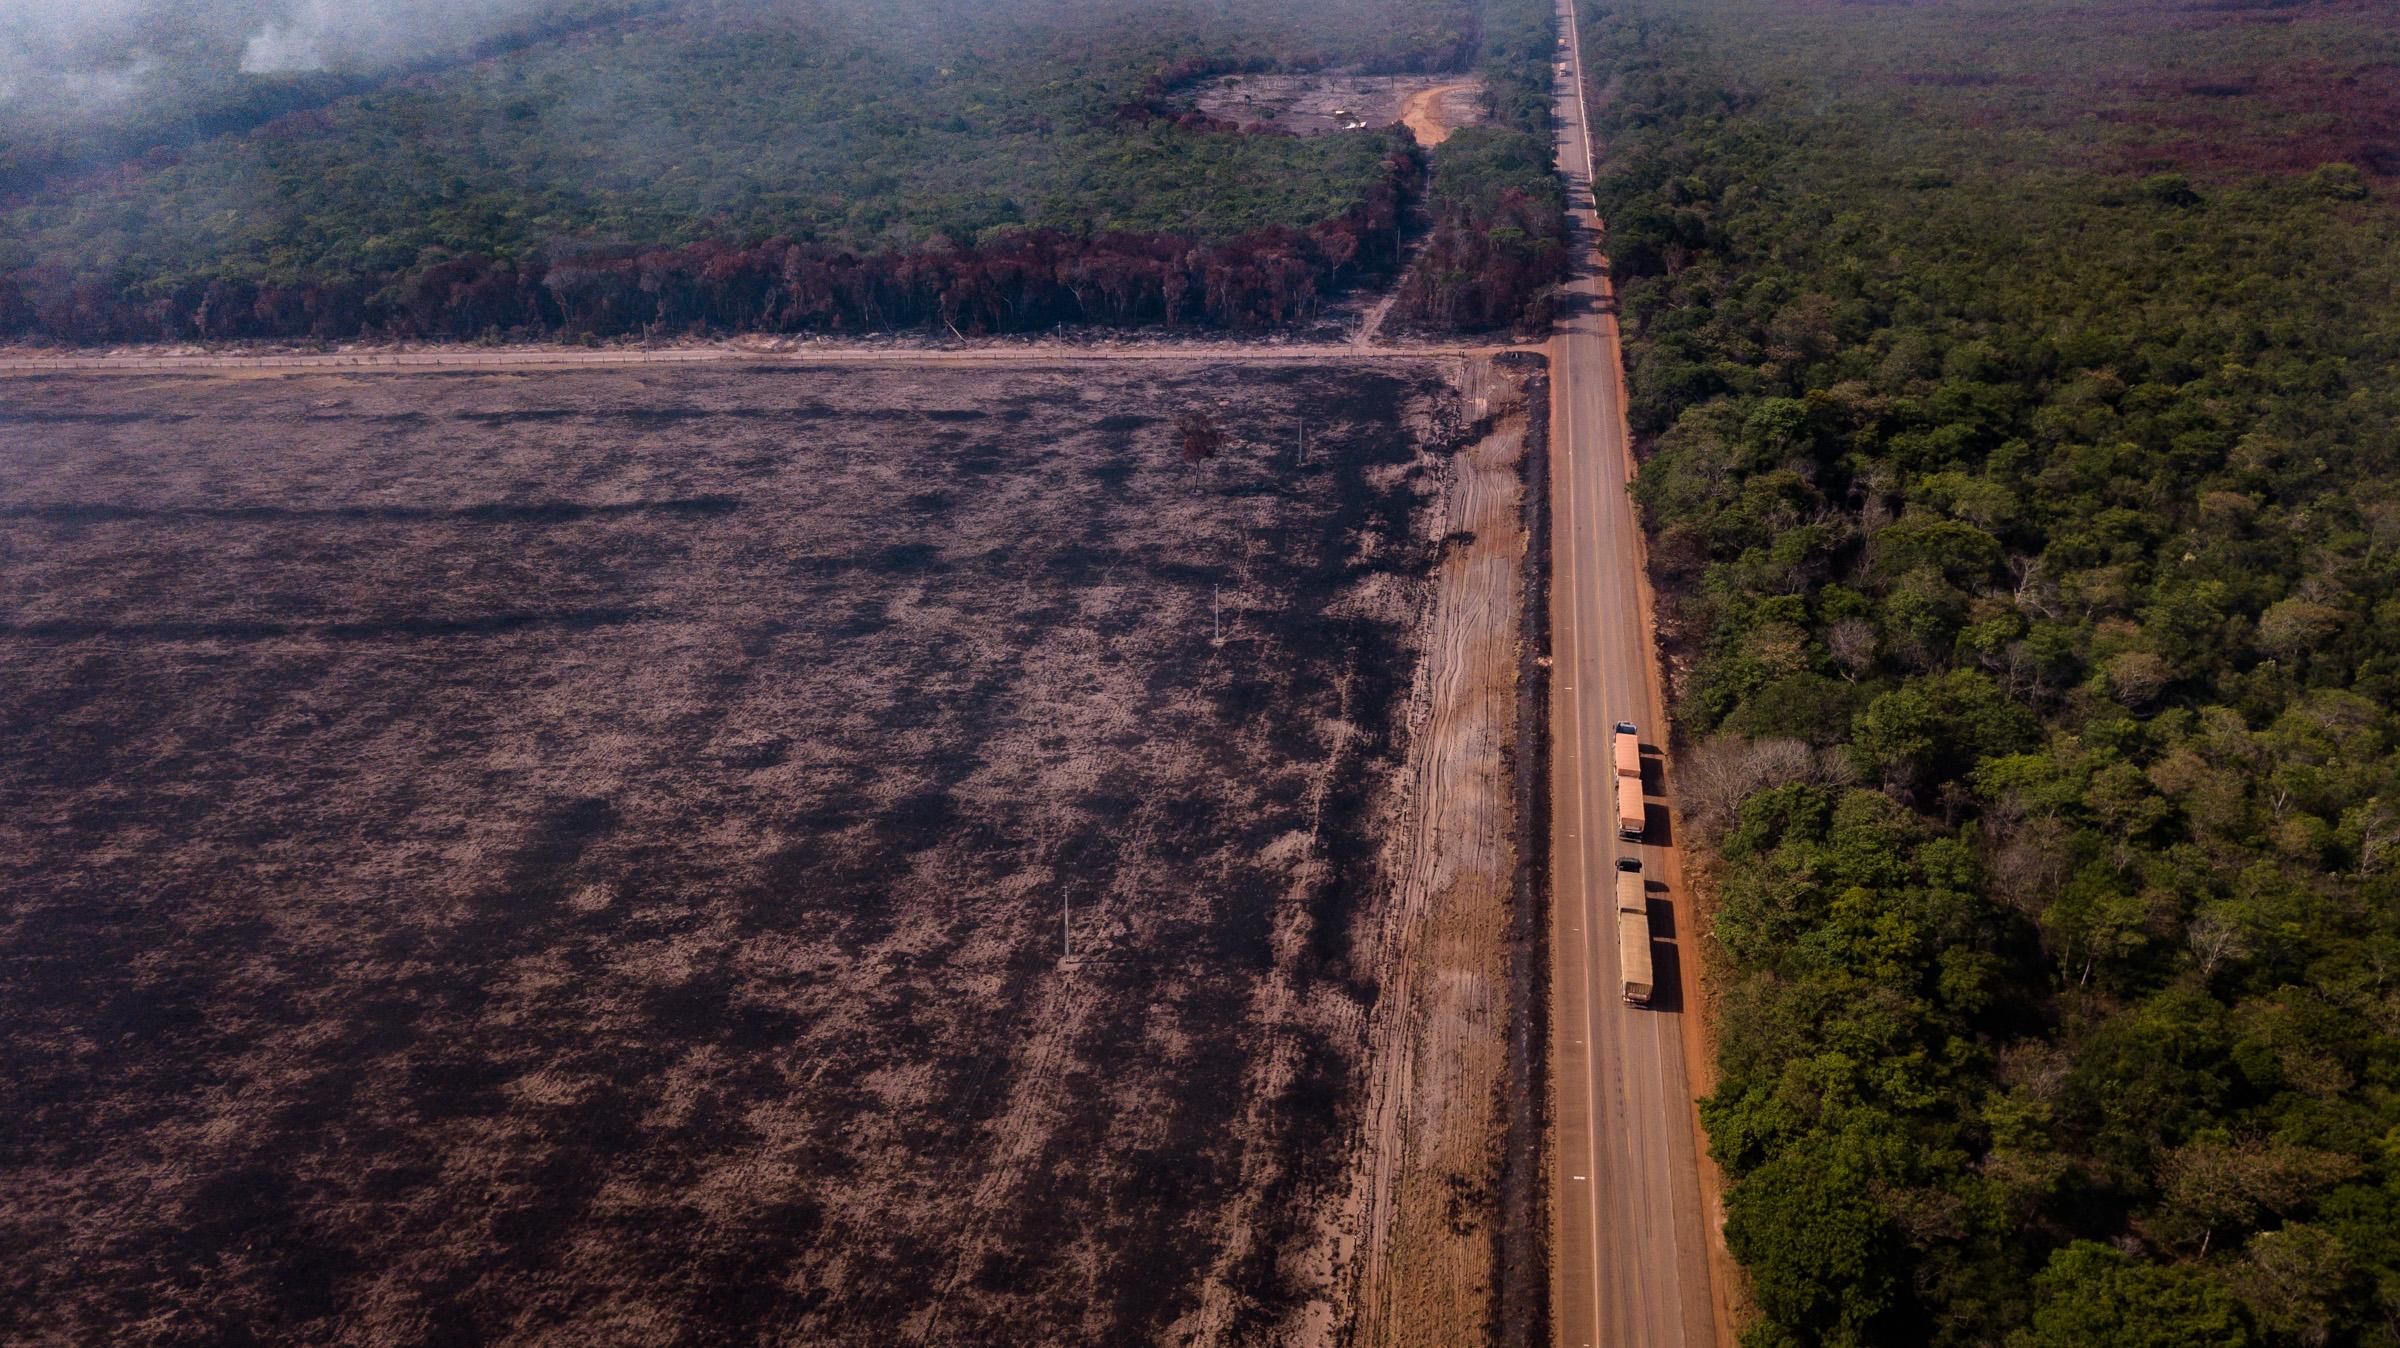 Área da Floresta Amazônica queimada às margens da BR-163 no Pará